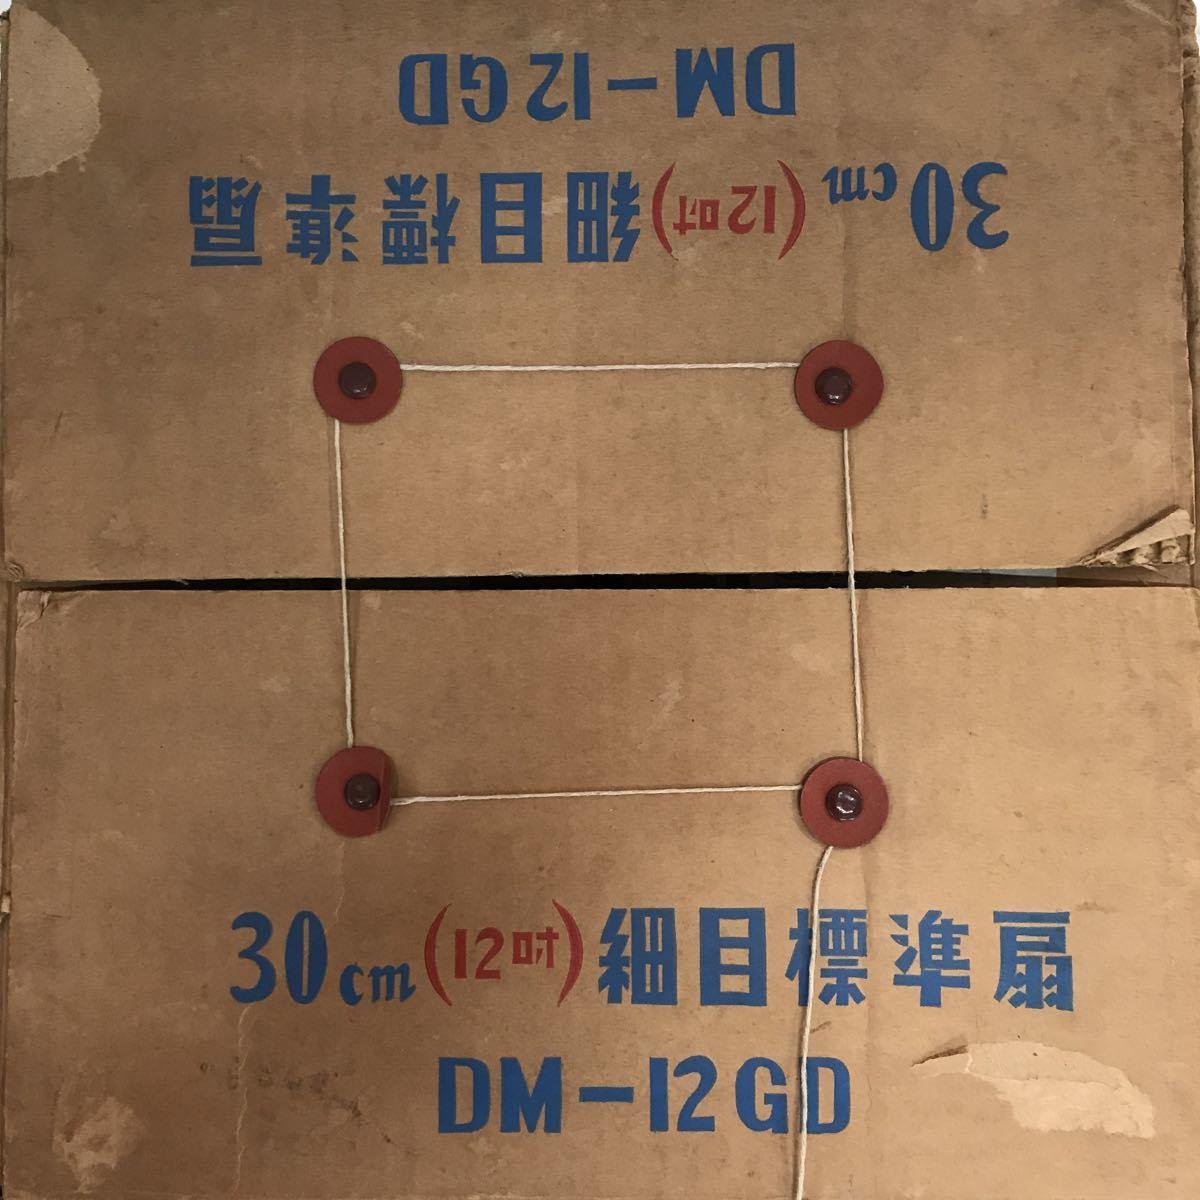 MITUBISHI 三菱 扇風機 稼働品 元箱付 細目標準扇 30cm レトロ扇風機 昭和レトロ アンティーク 当時物 レア_画像9